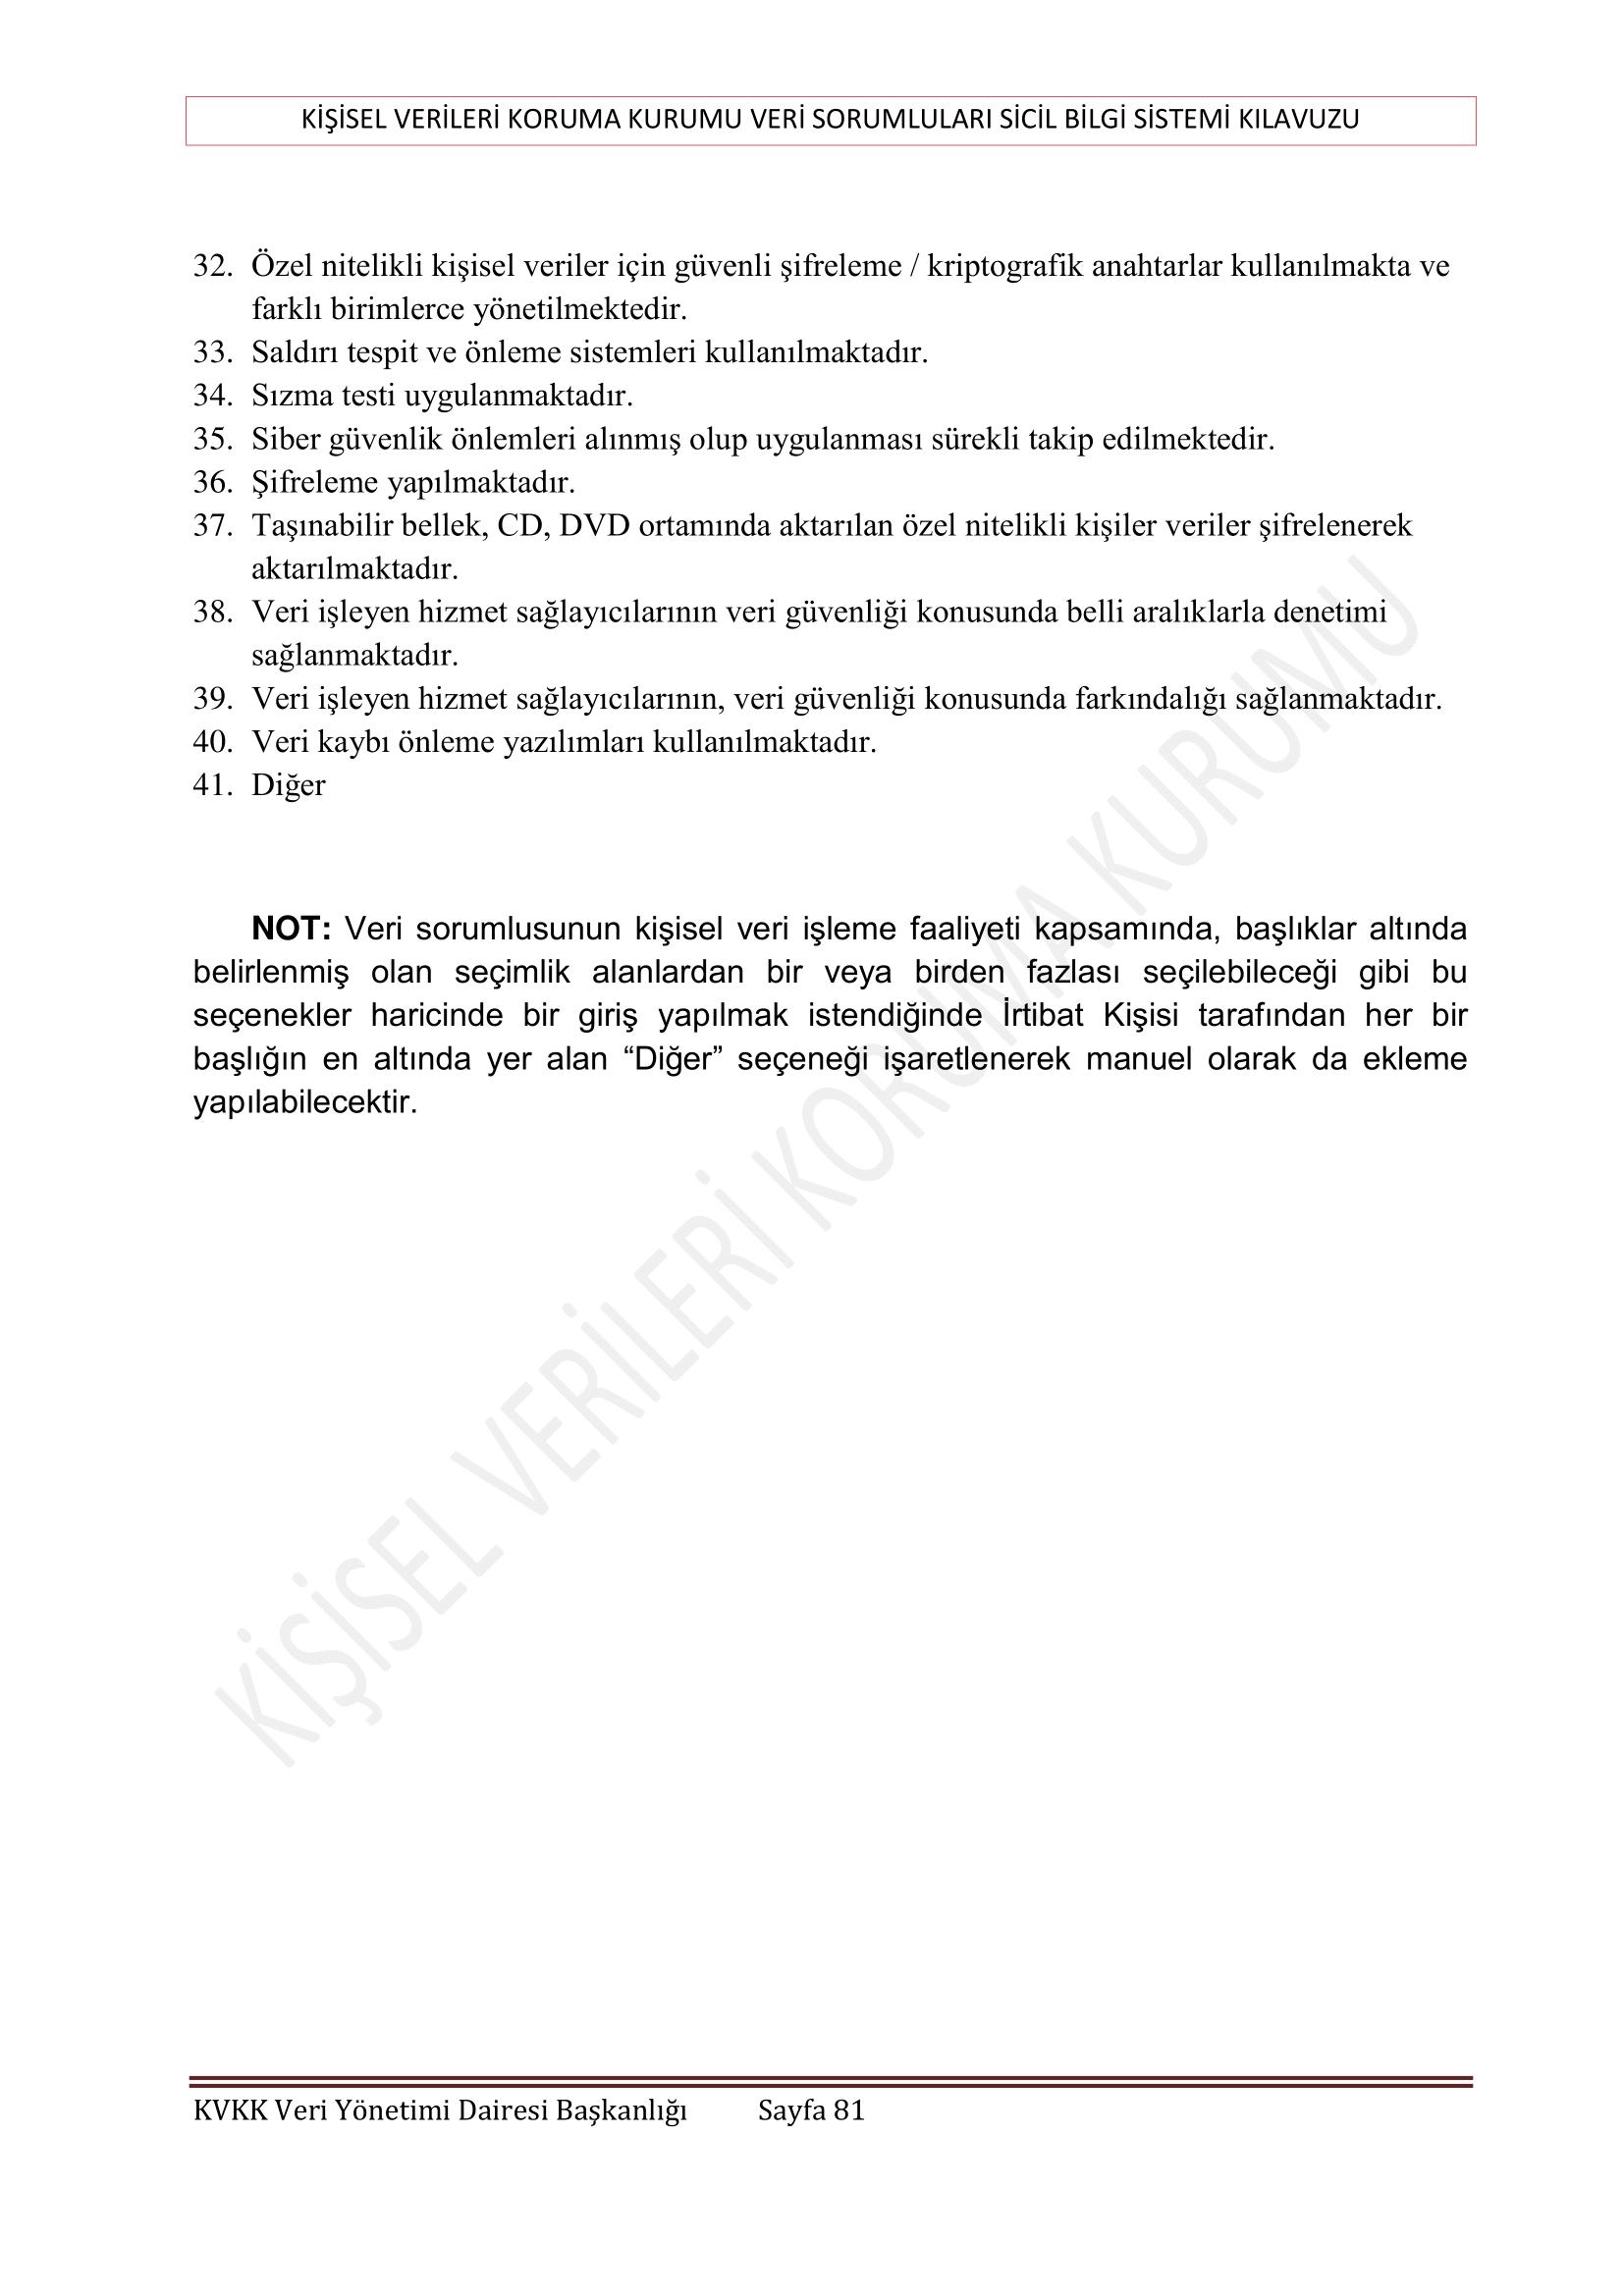 kvkk 81